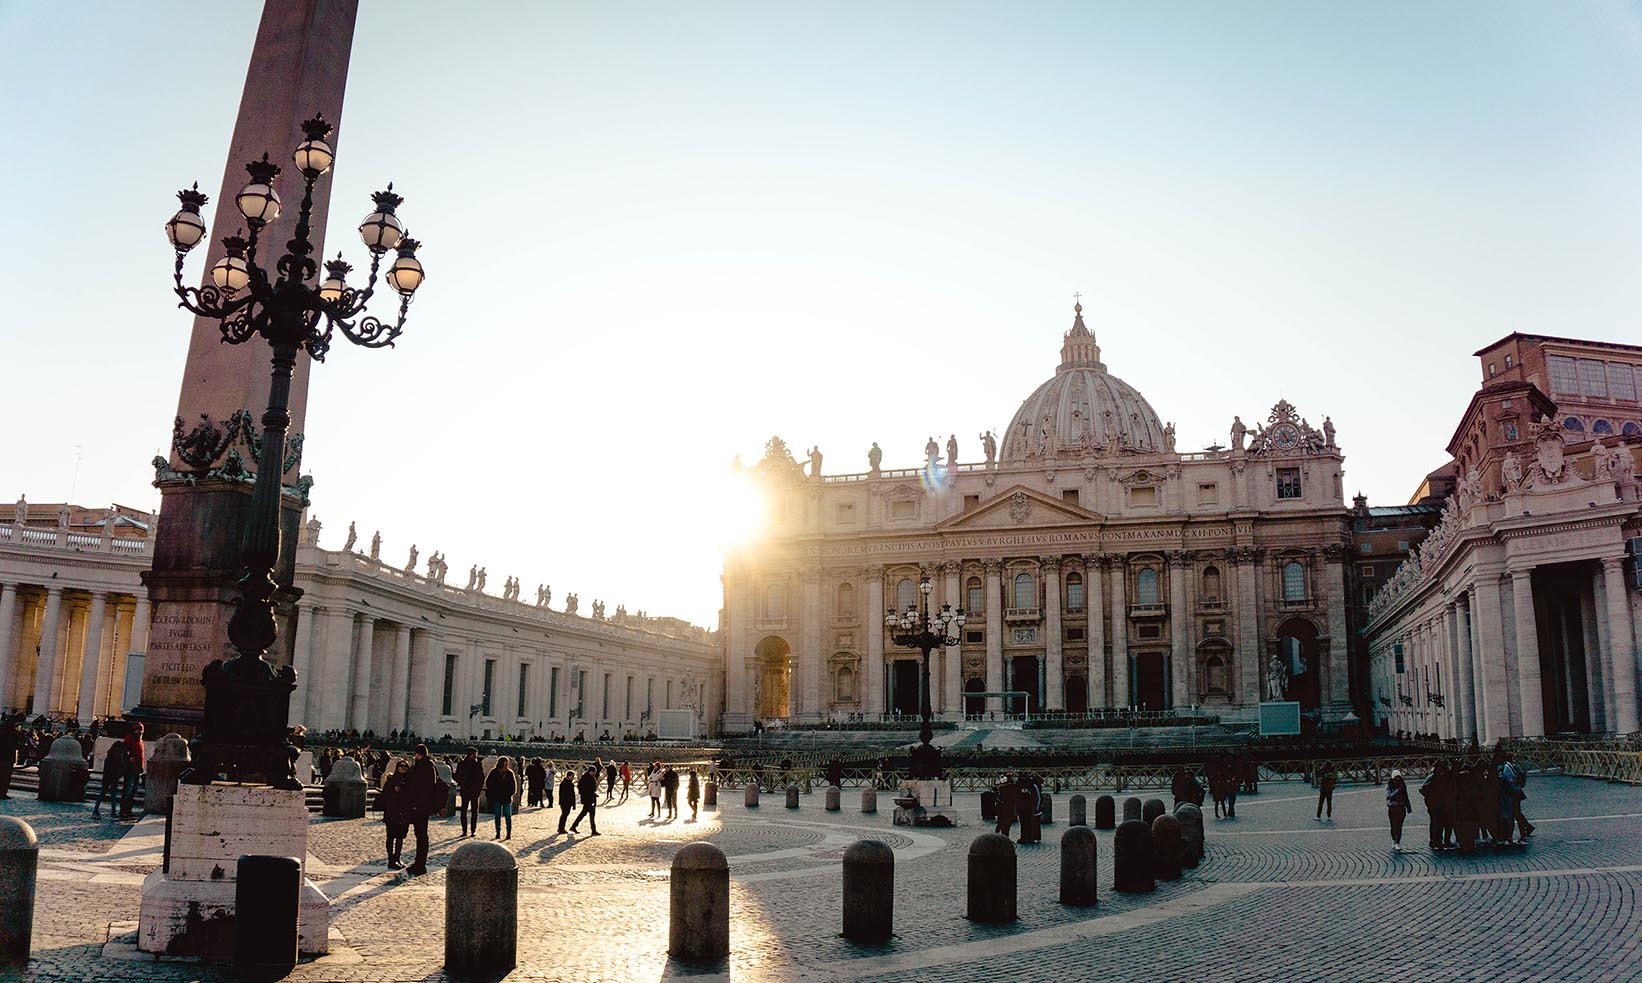 Návšteva Vatikánu: Čo treba pred cestou vedieť?